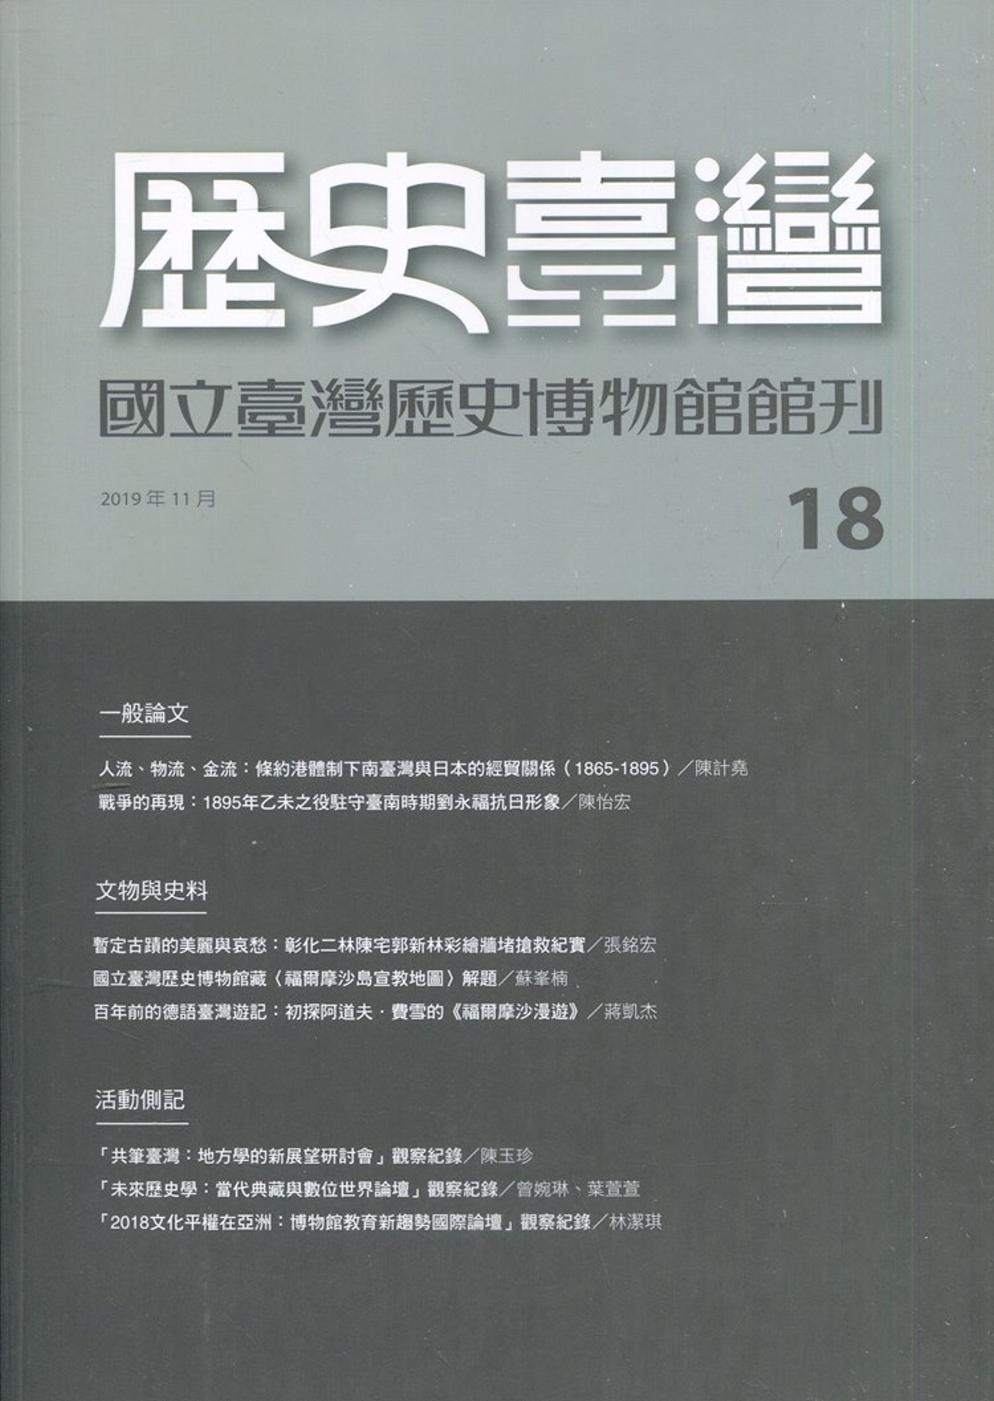 歷史臺灣:國立臺灣歷史博物館館刊第18期(108.11)